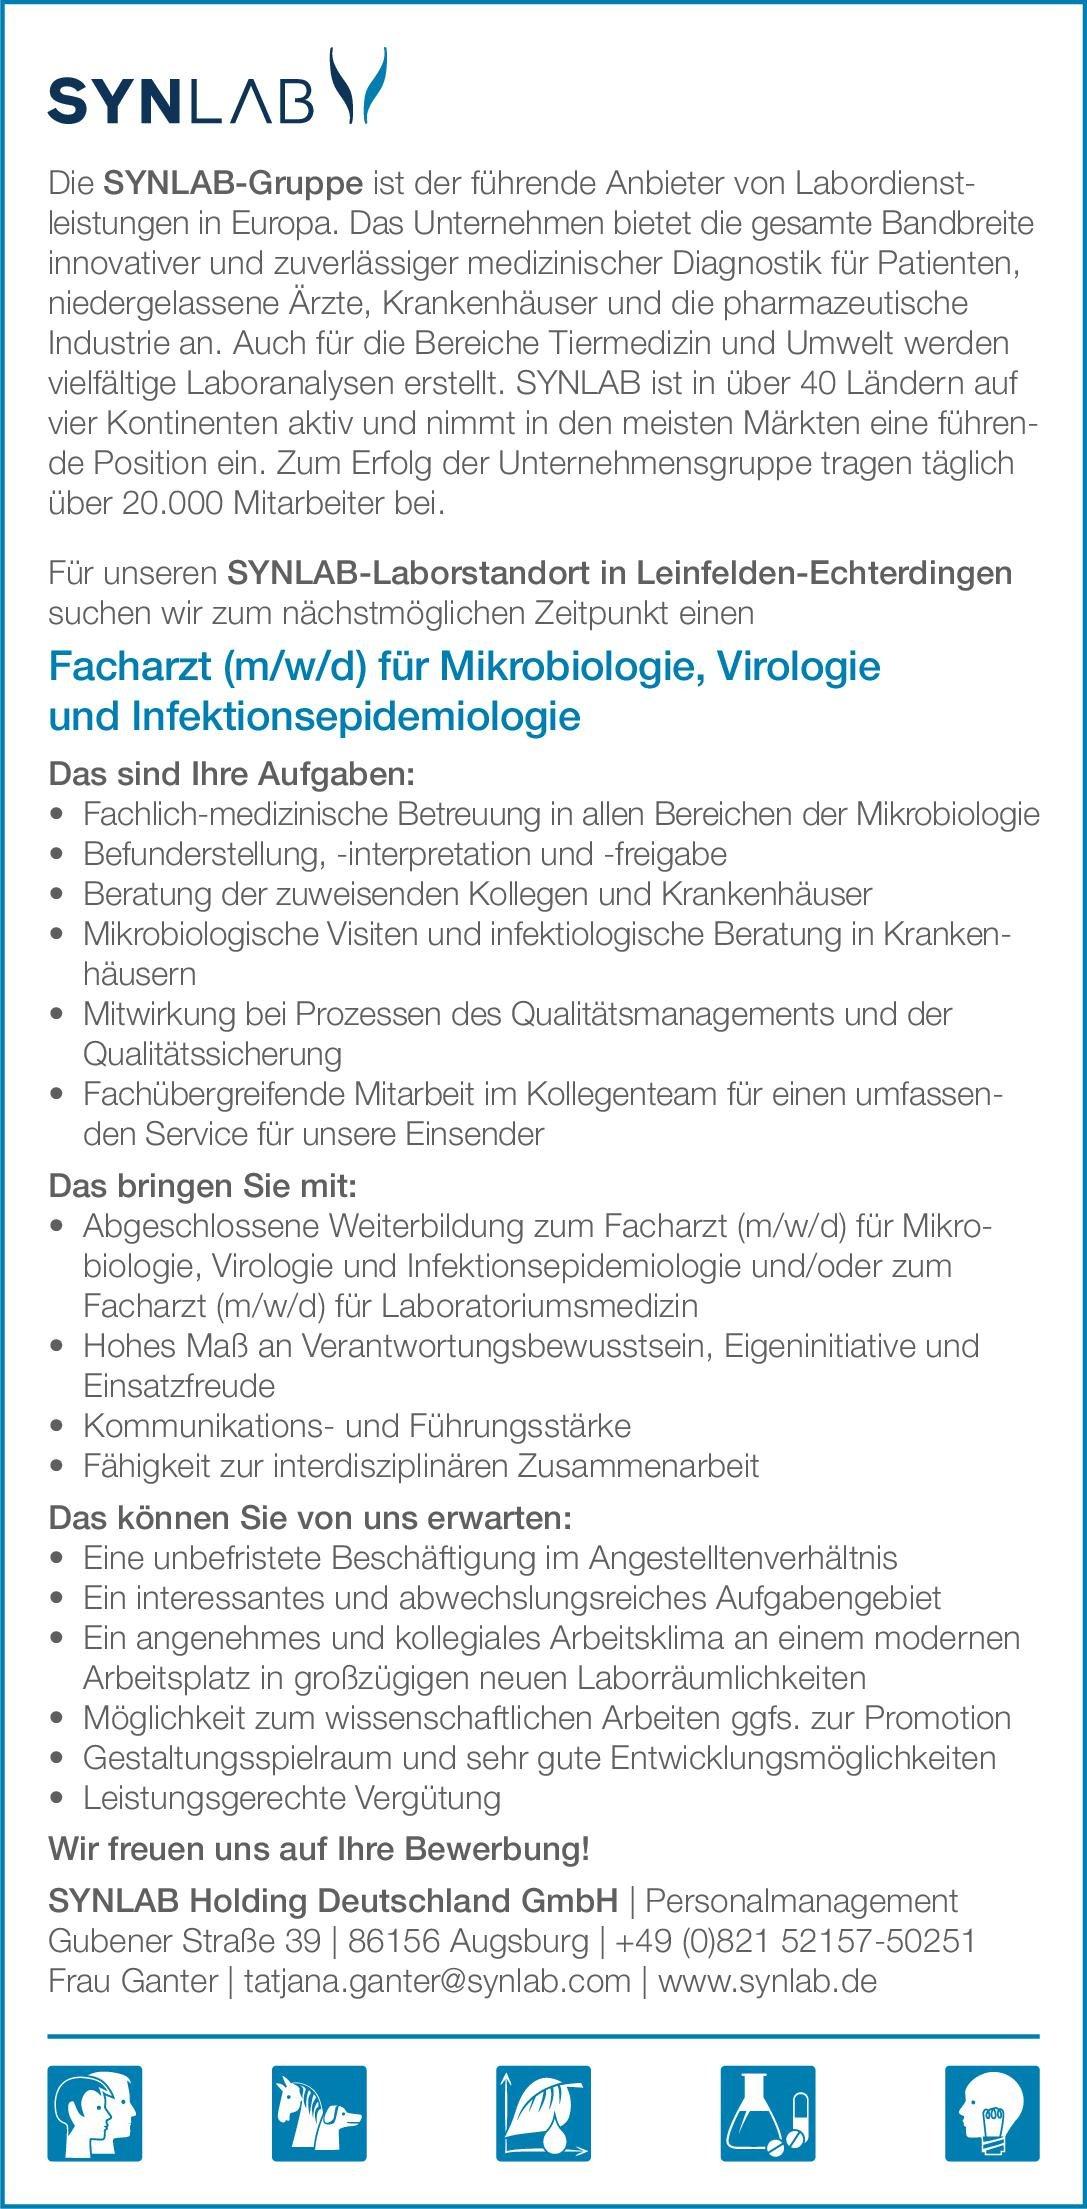 SYNLAB Holding Deutschland GmbH Facharzt (m/w/d) für Mikrobiologie, Virologie und Infektionsepidemiologie Mikrobiologie und Infektionsepidemiologie Arzt / Facharzt